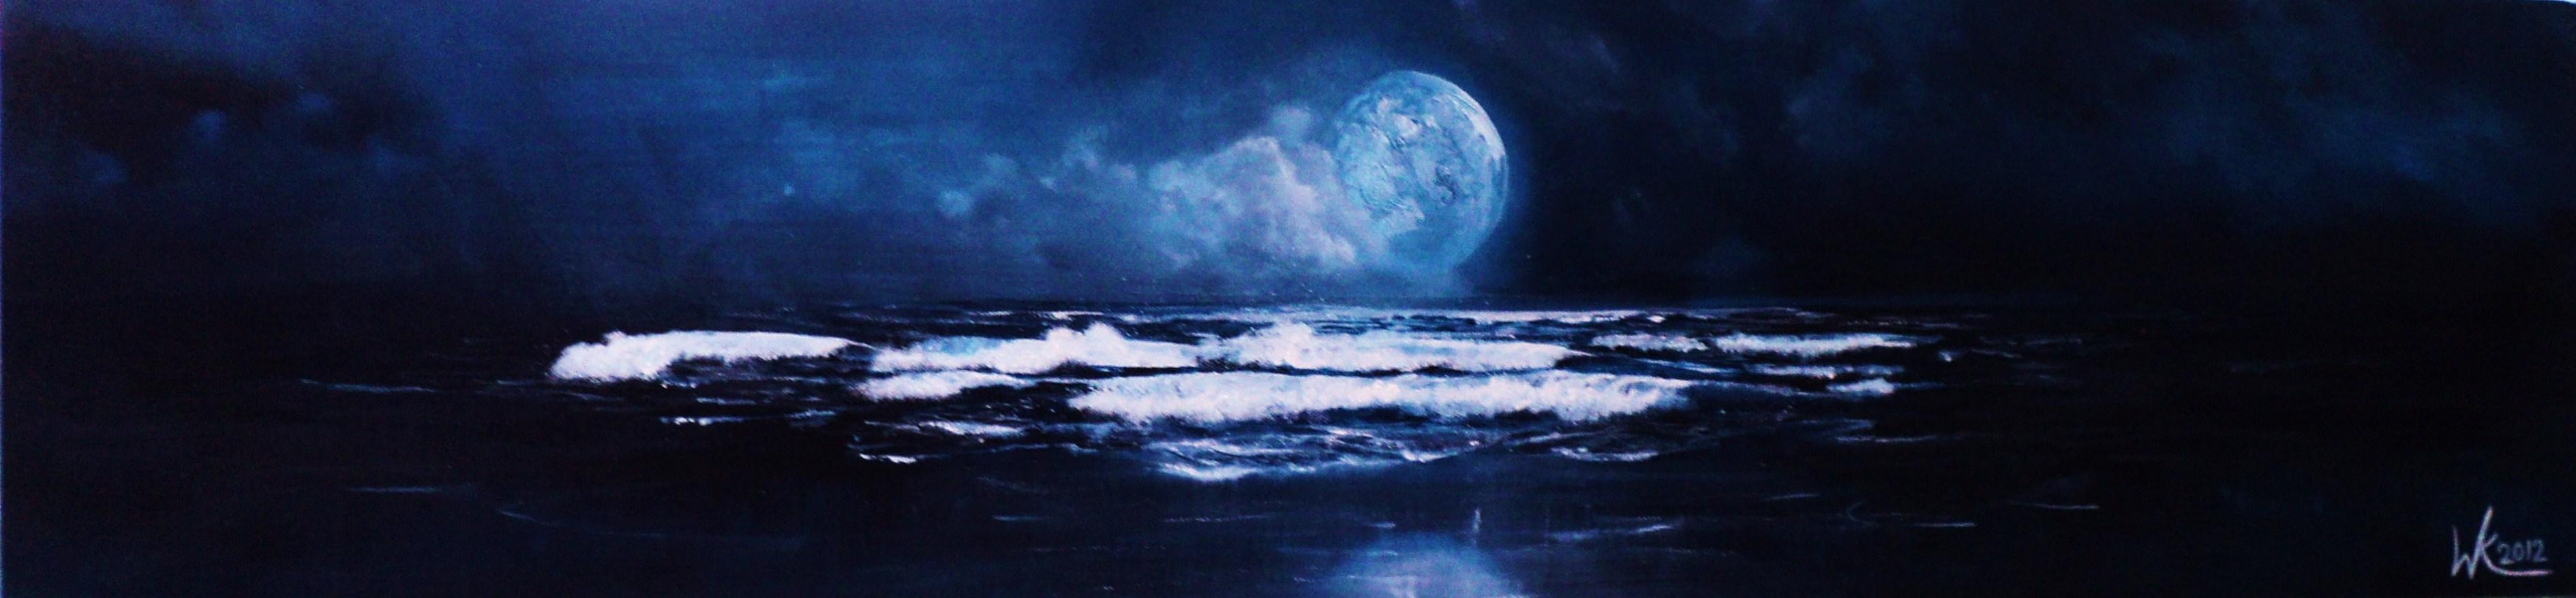 Moonlit waves (2012)